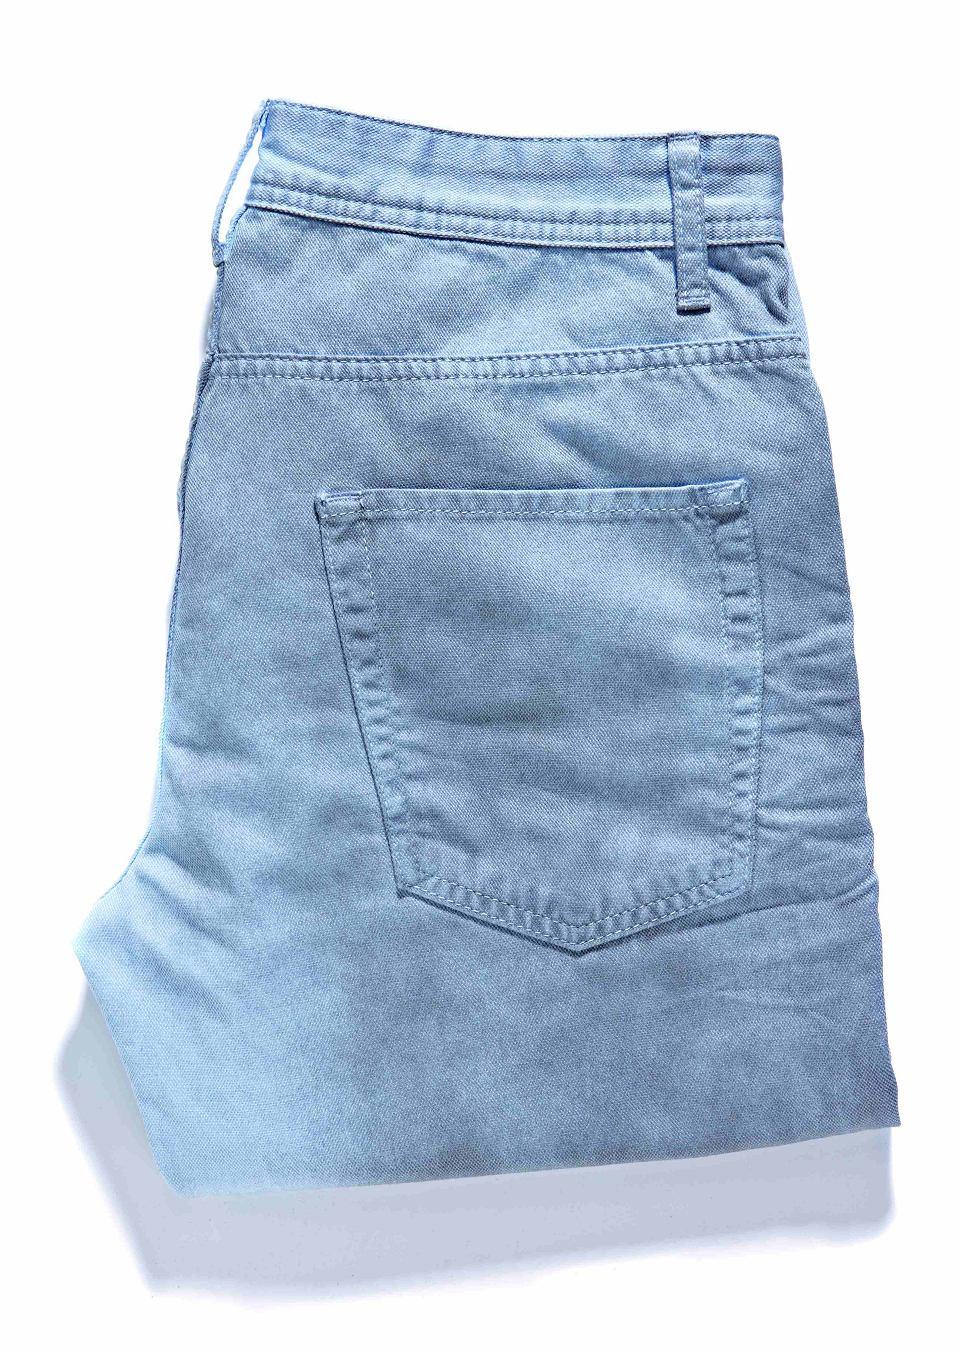 Zdjęcie numer 5 w galerii - Jasne dżinsy: zobacz najmodniejsze wzory